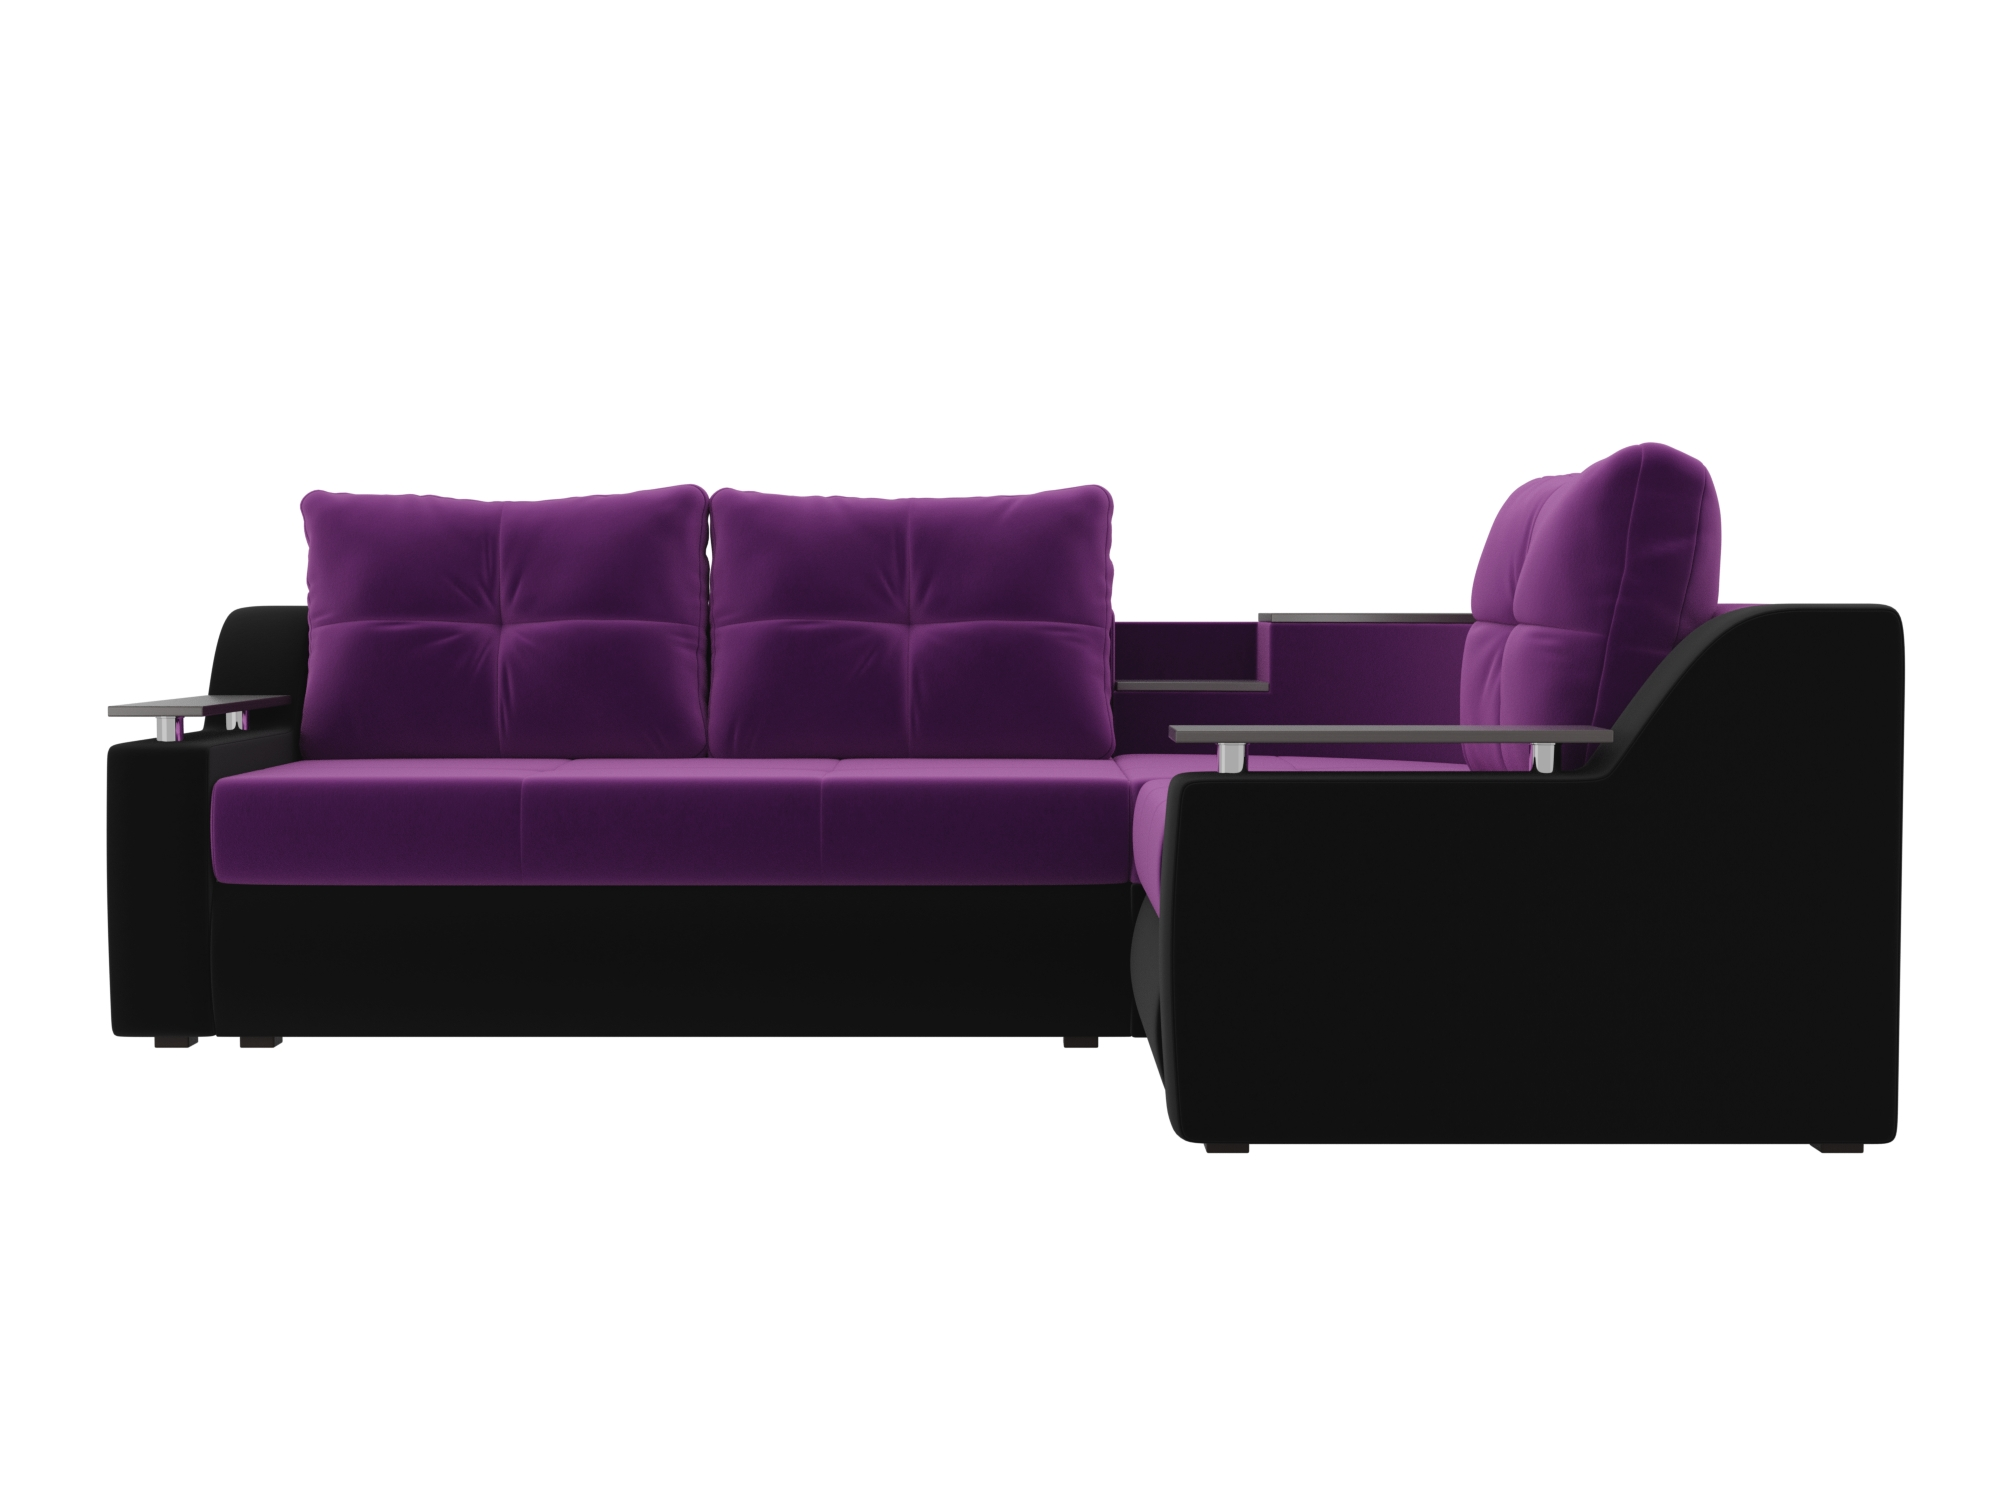 Угловой диван Тесей Правый MebelVia Фиолетовый, Черный, Микровельвет Фиолетовый, Черный